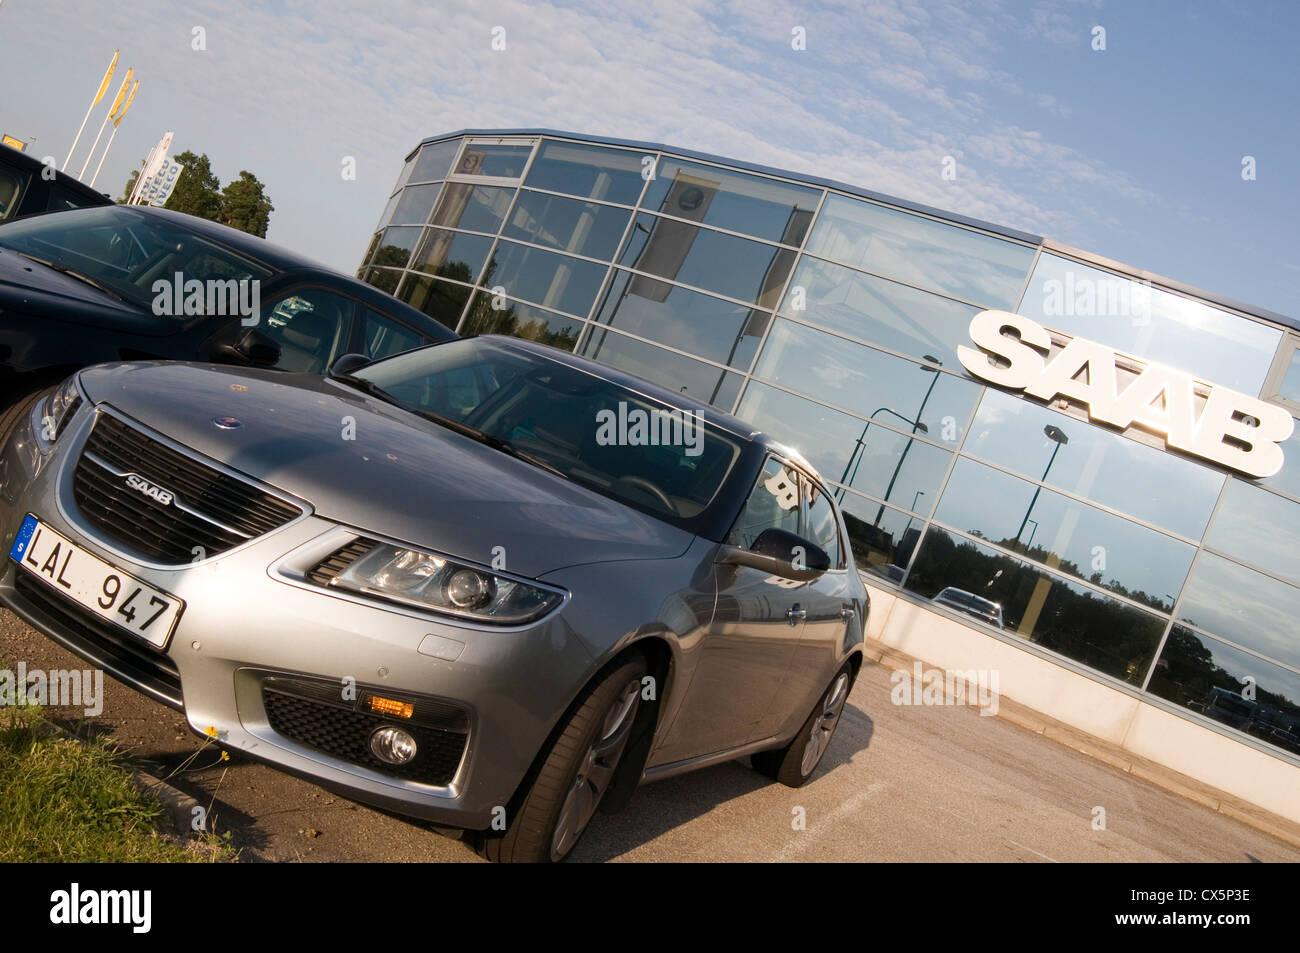 saab car cars dealer dealers dealership dealerships sweden swedish company new 95 - Stock Image